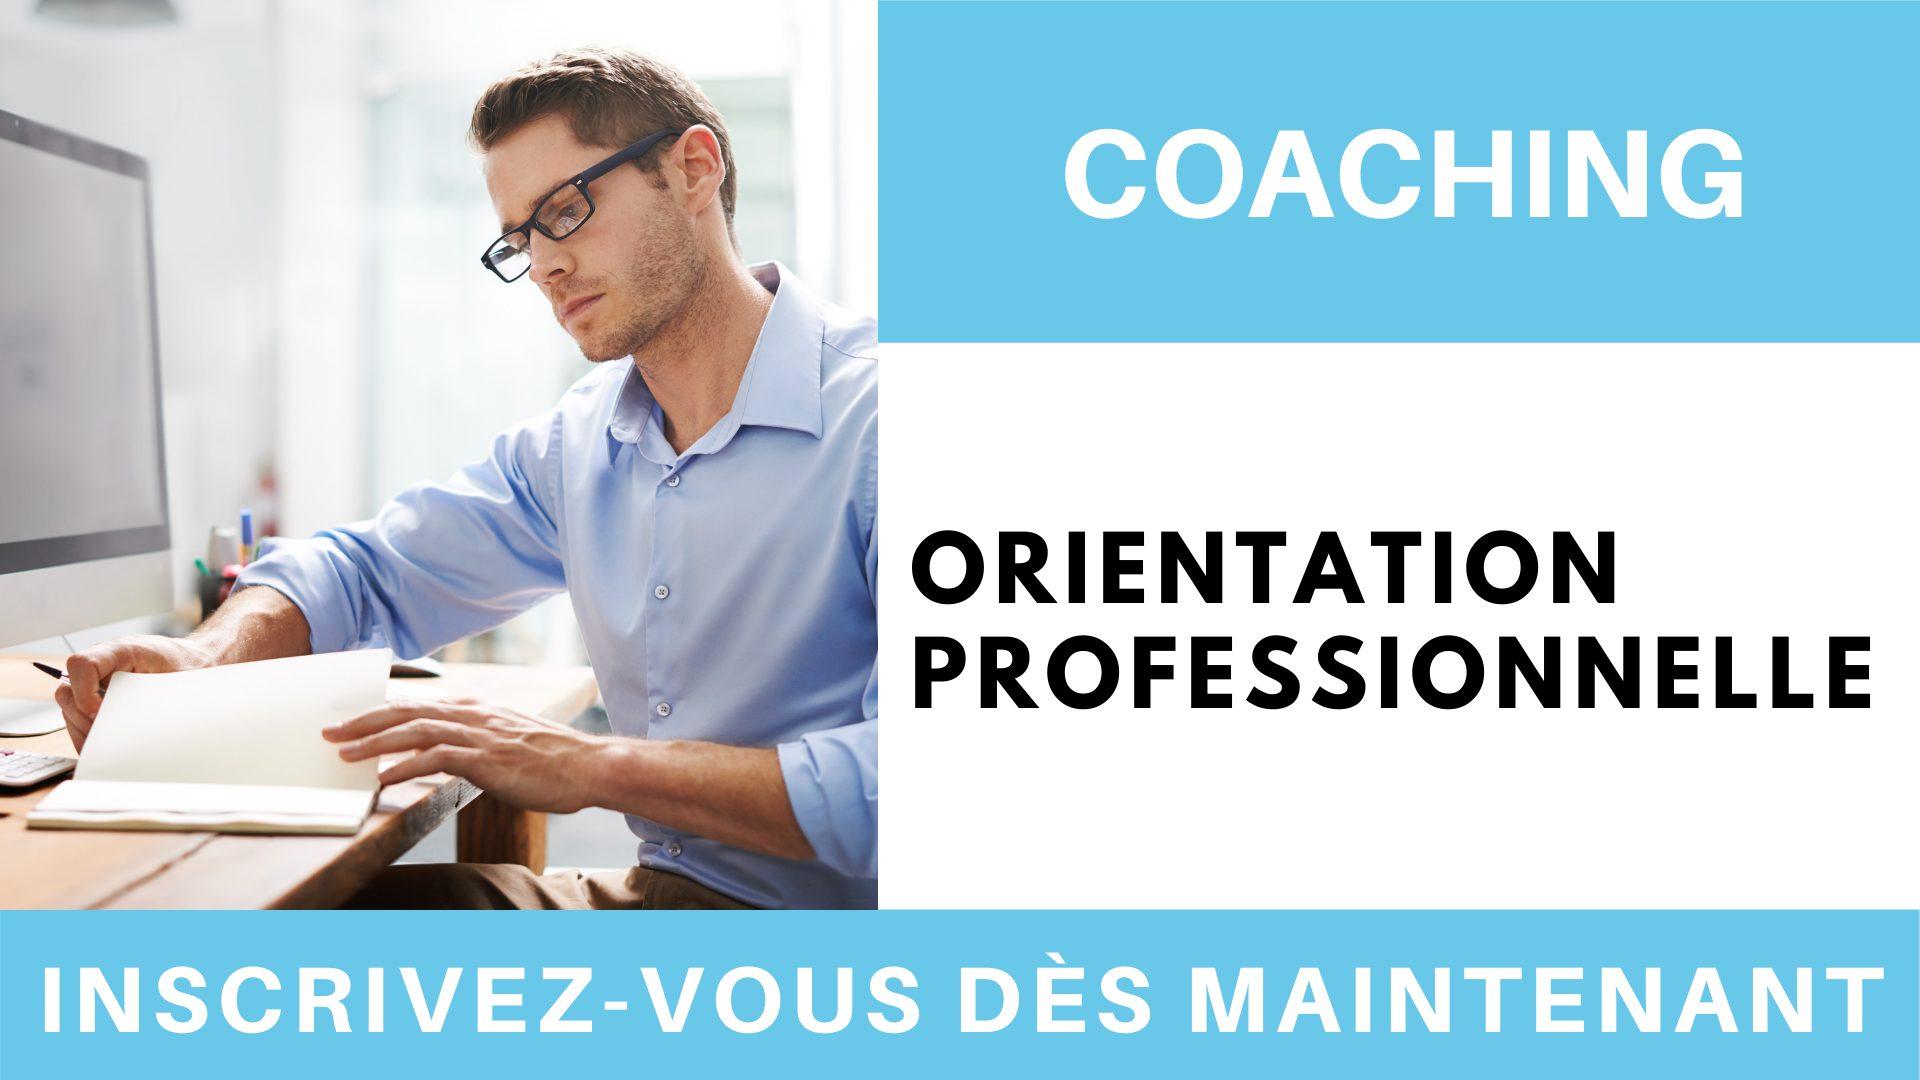 Coaching orientation professionnelle